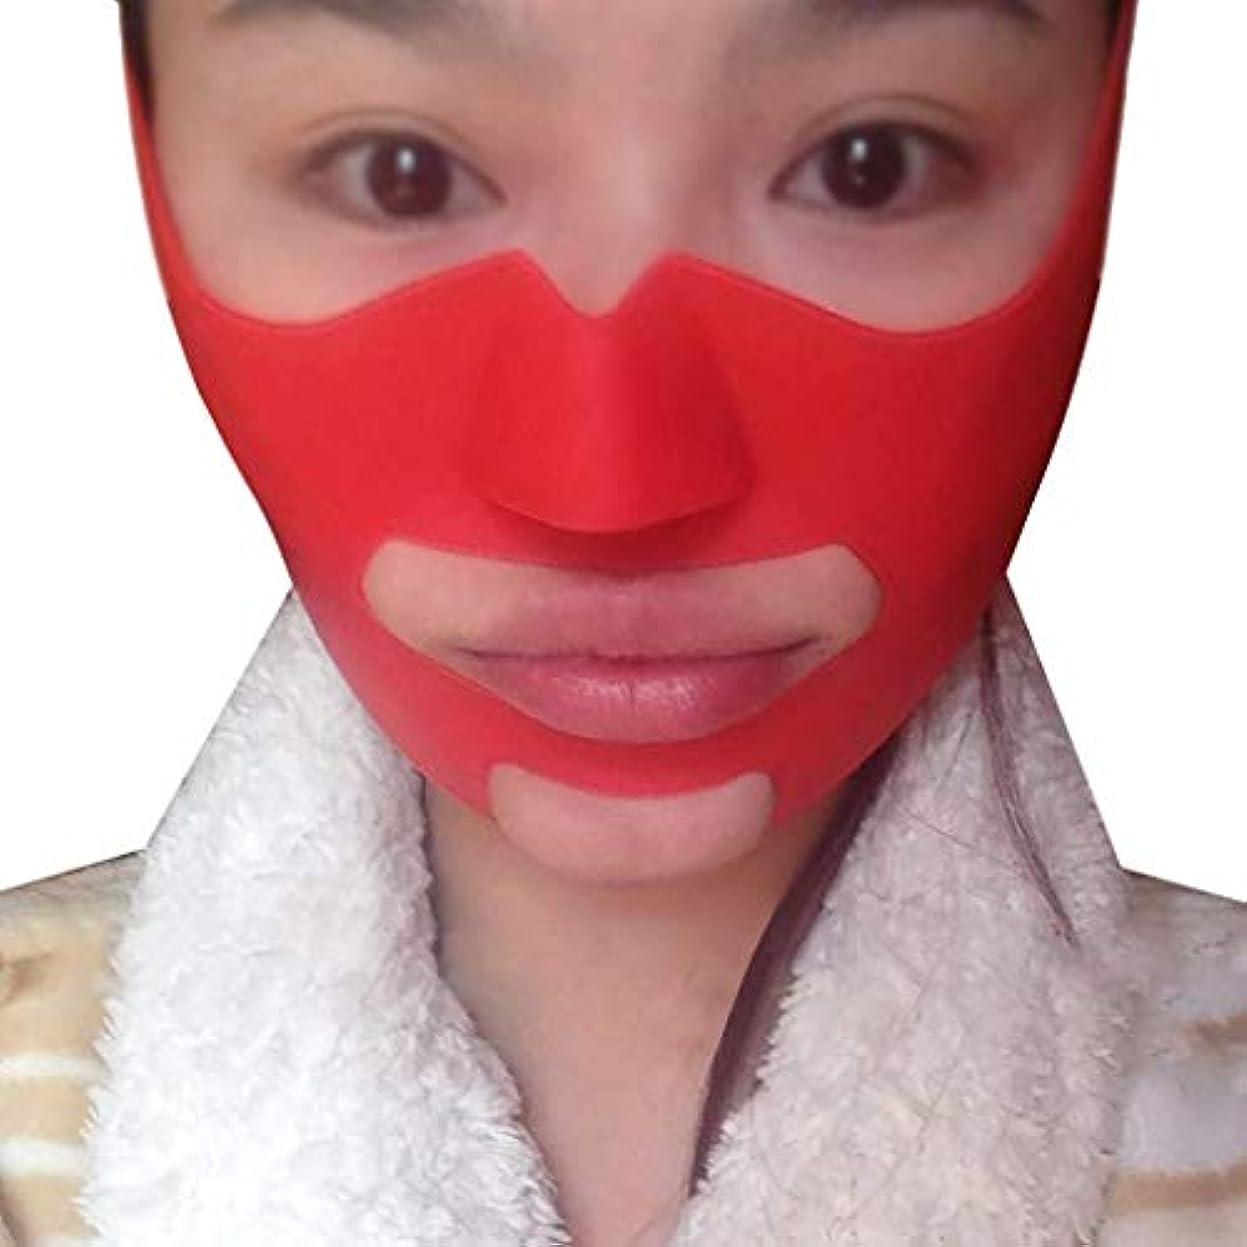 増幅器解体するトランクフェイスリフトマスク、シリコーンVフェイスマスクフェイスマスク強力な薄い咬筋筋肉を持ち上げるアップルの筋肉パターン布アーティファクト小さなV顔包帯顔と首リフト